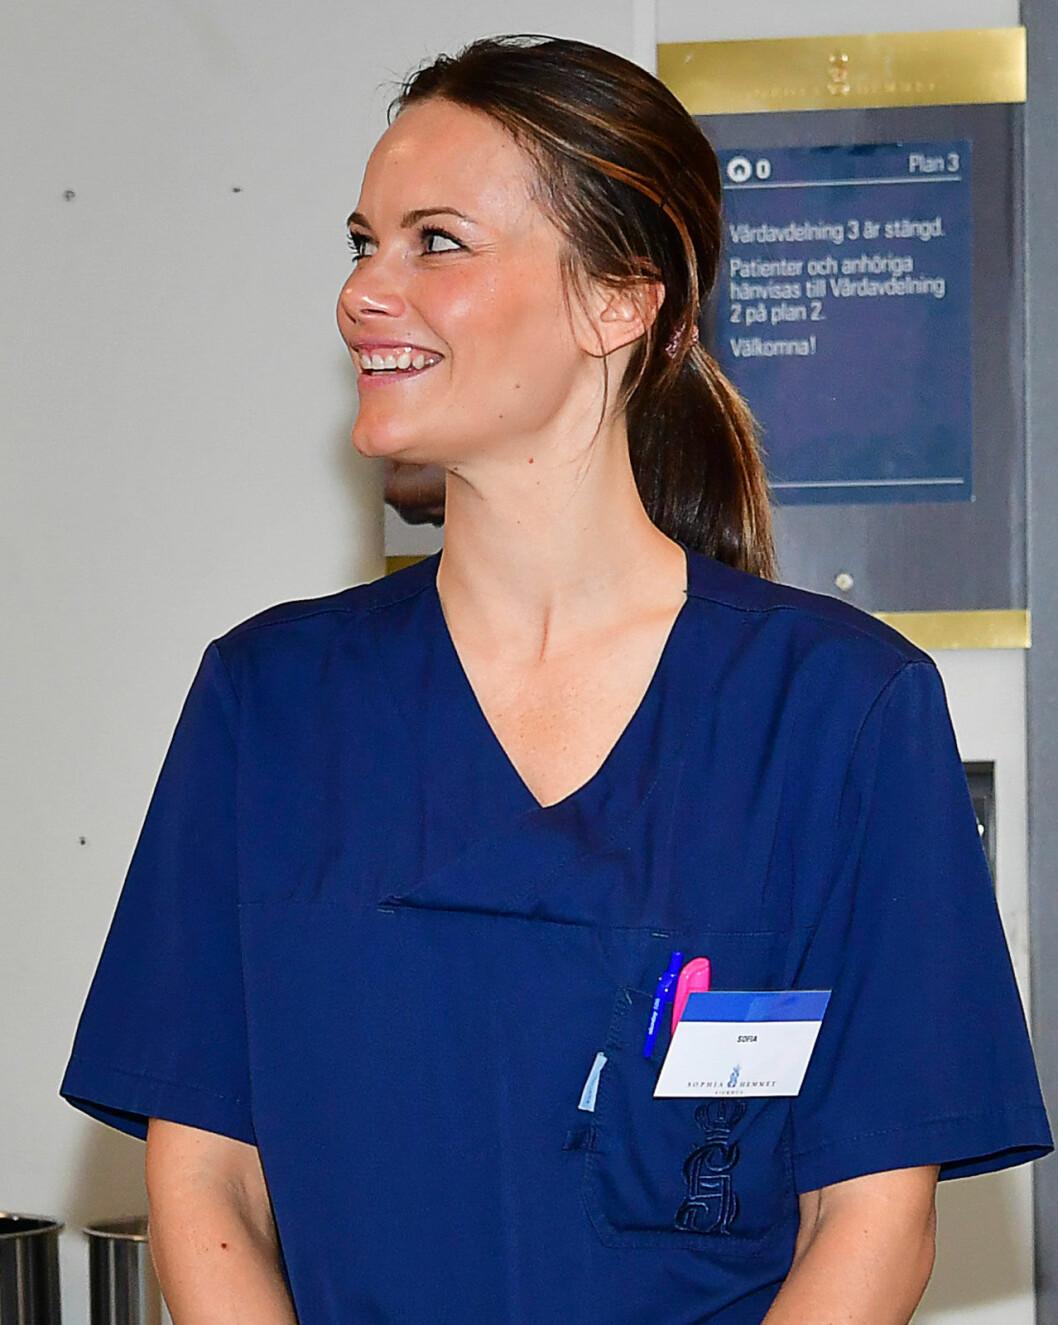 Prinsessa Sophia börjar jobba på Sophiammet i Stockholm.